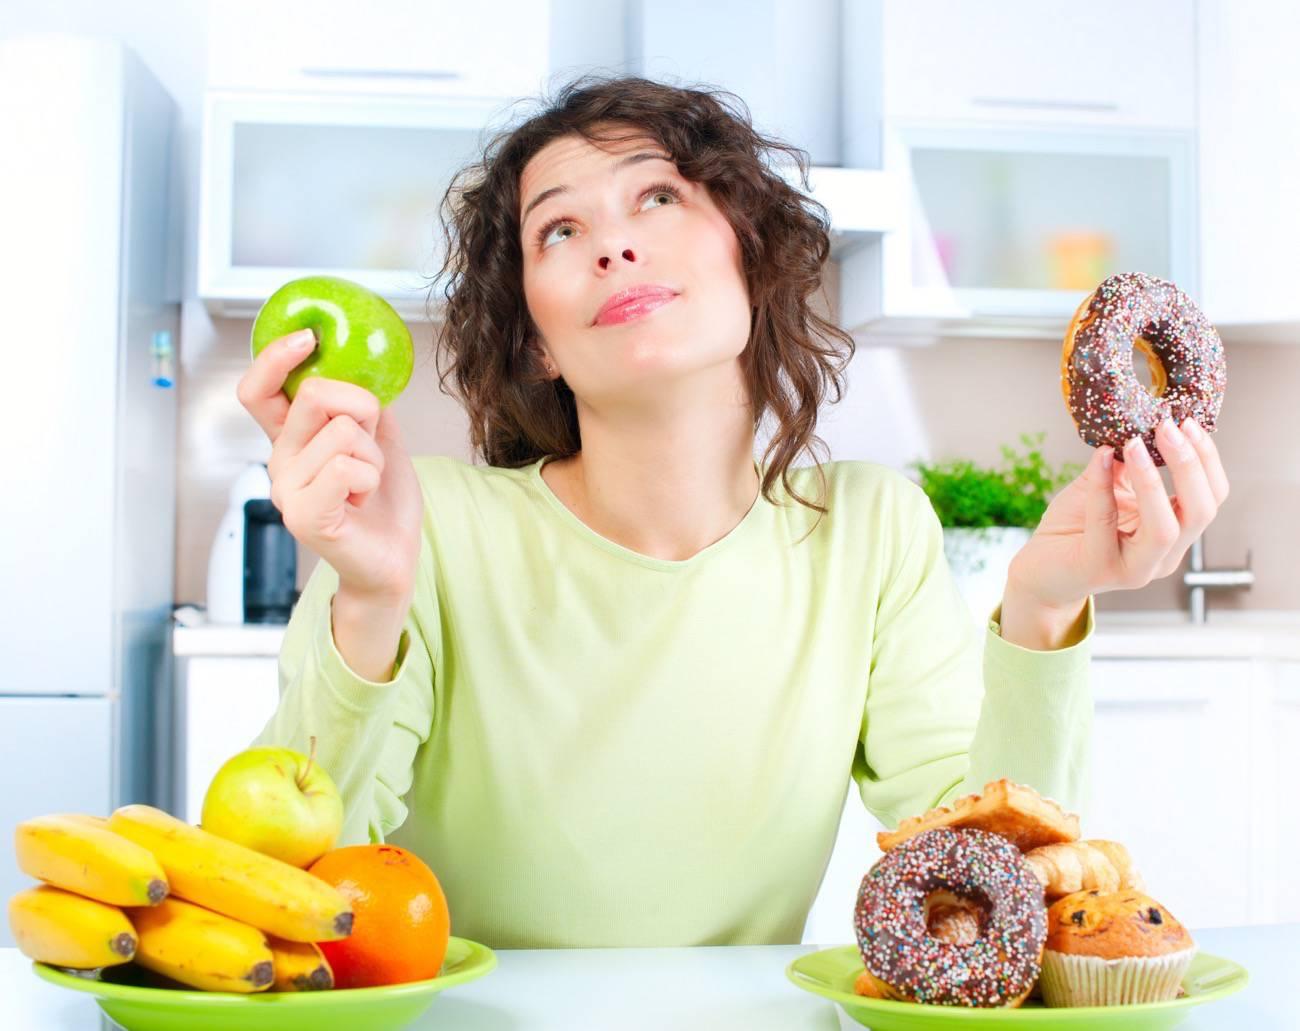 perder peso despues de los 40 - dieta equilibrada